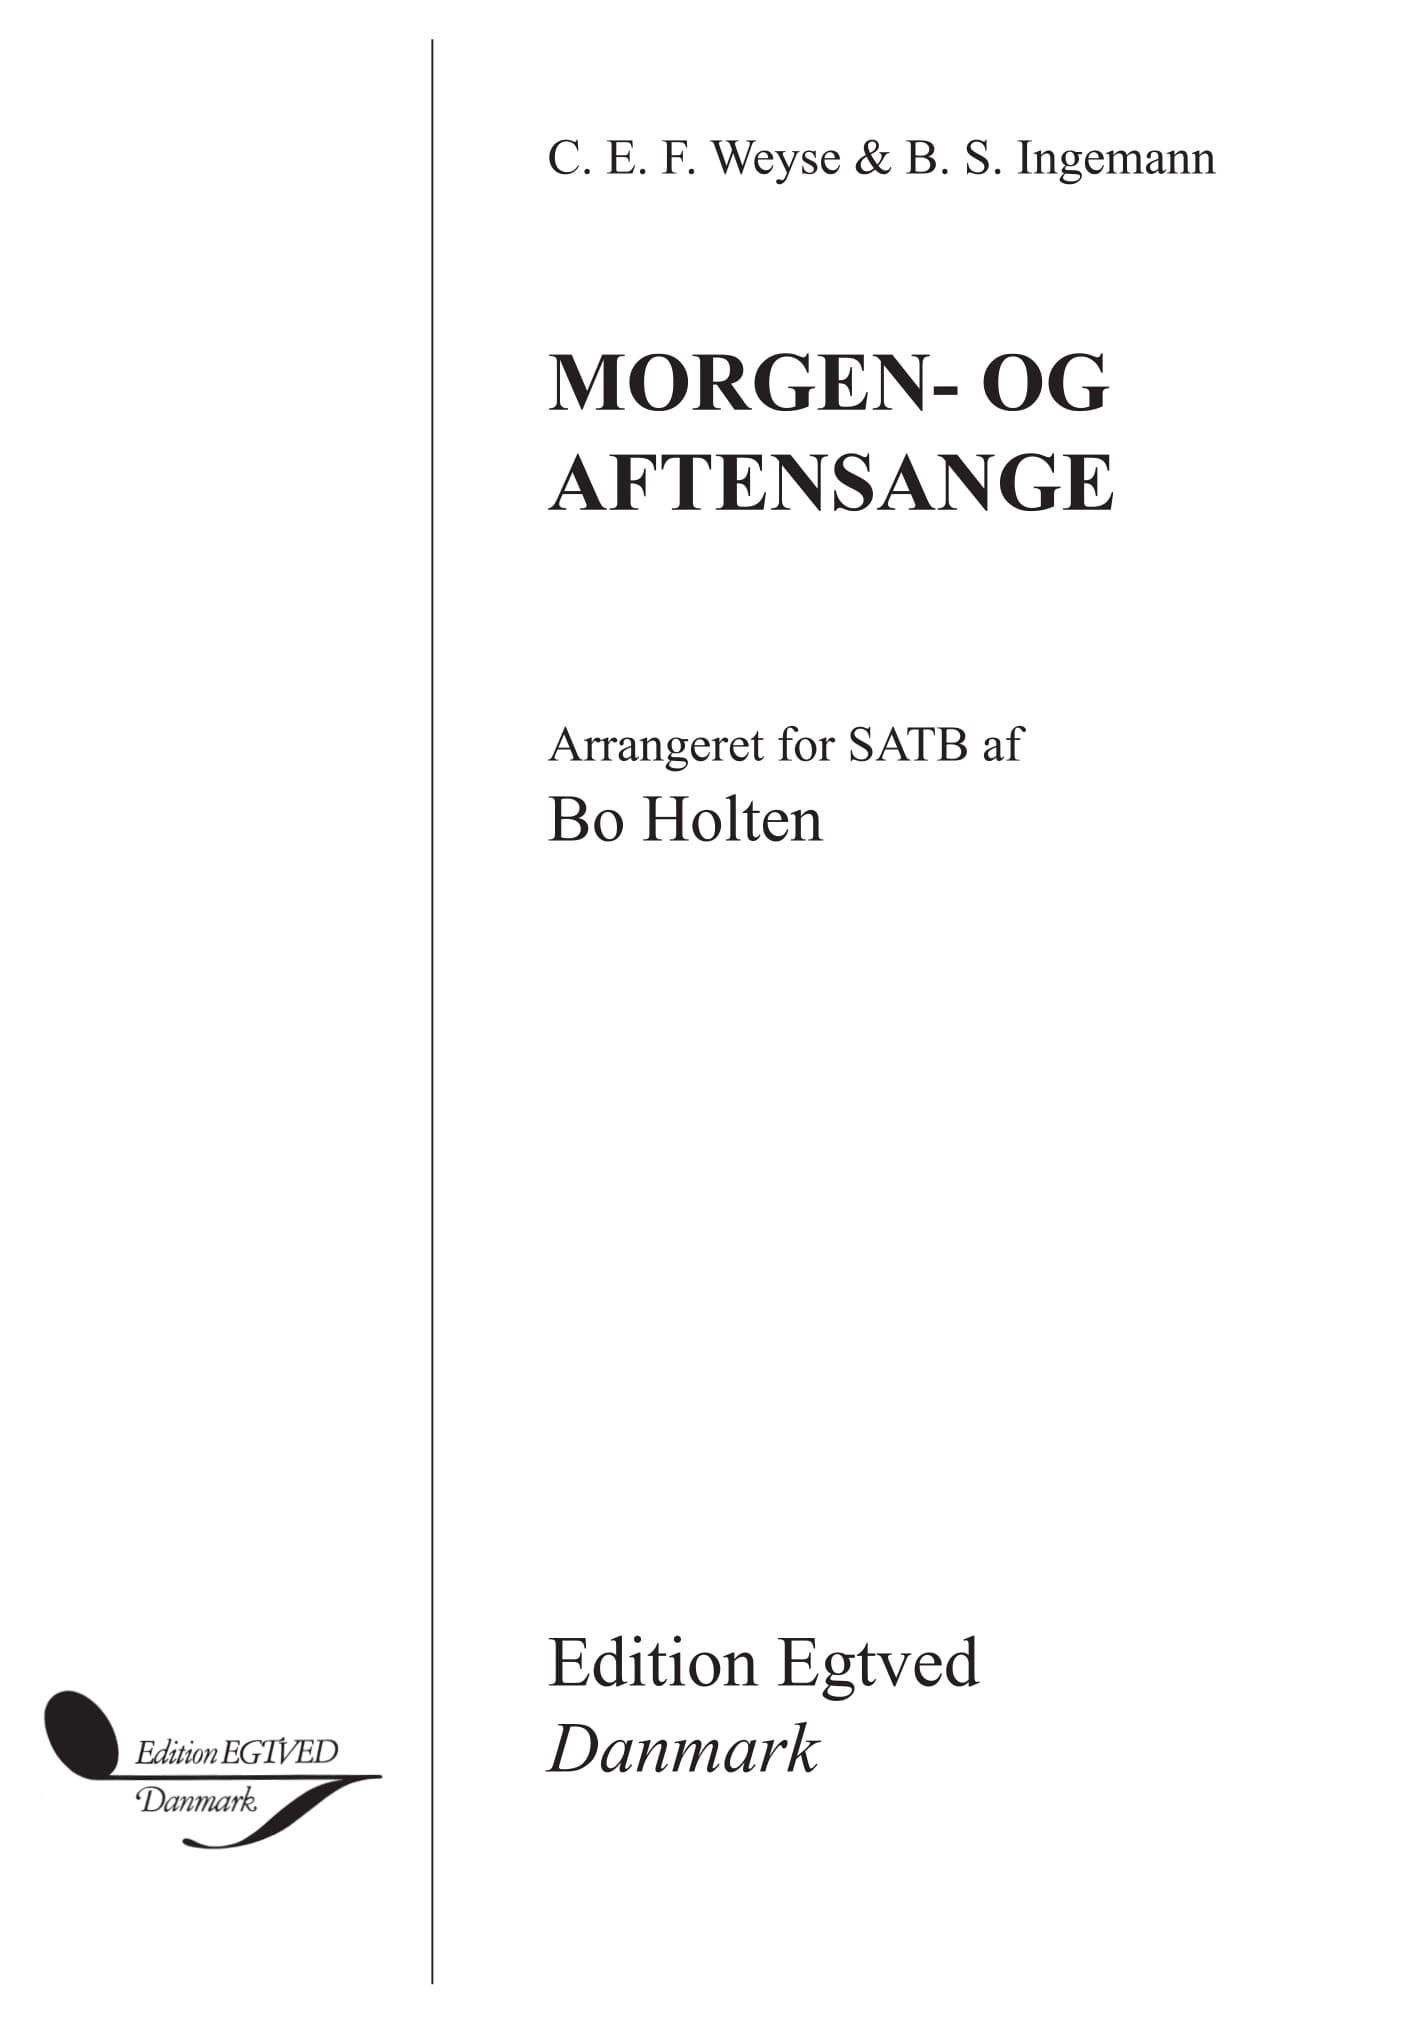 C.E.F. Weyse: Morgen- Og Aftensange: SATB: Vocal Score